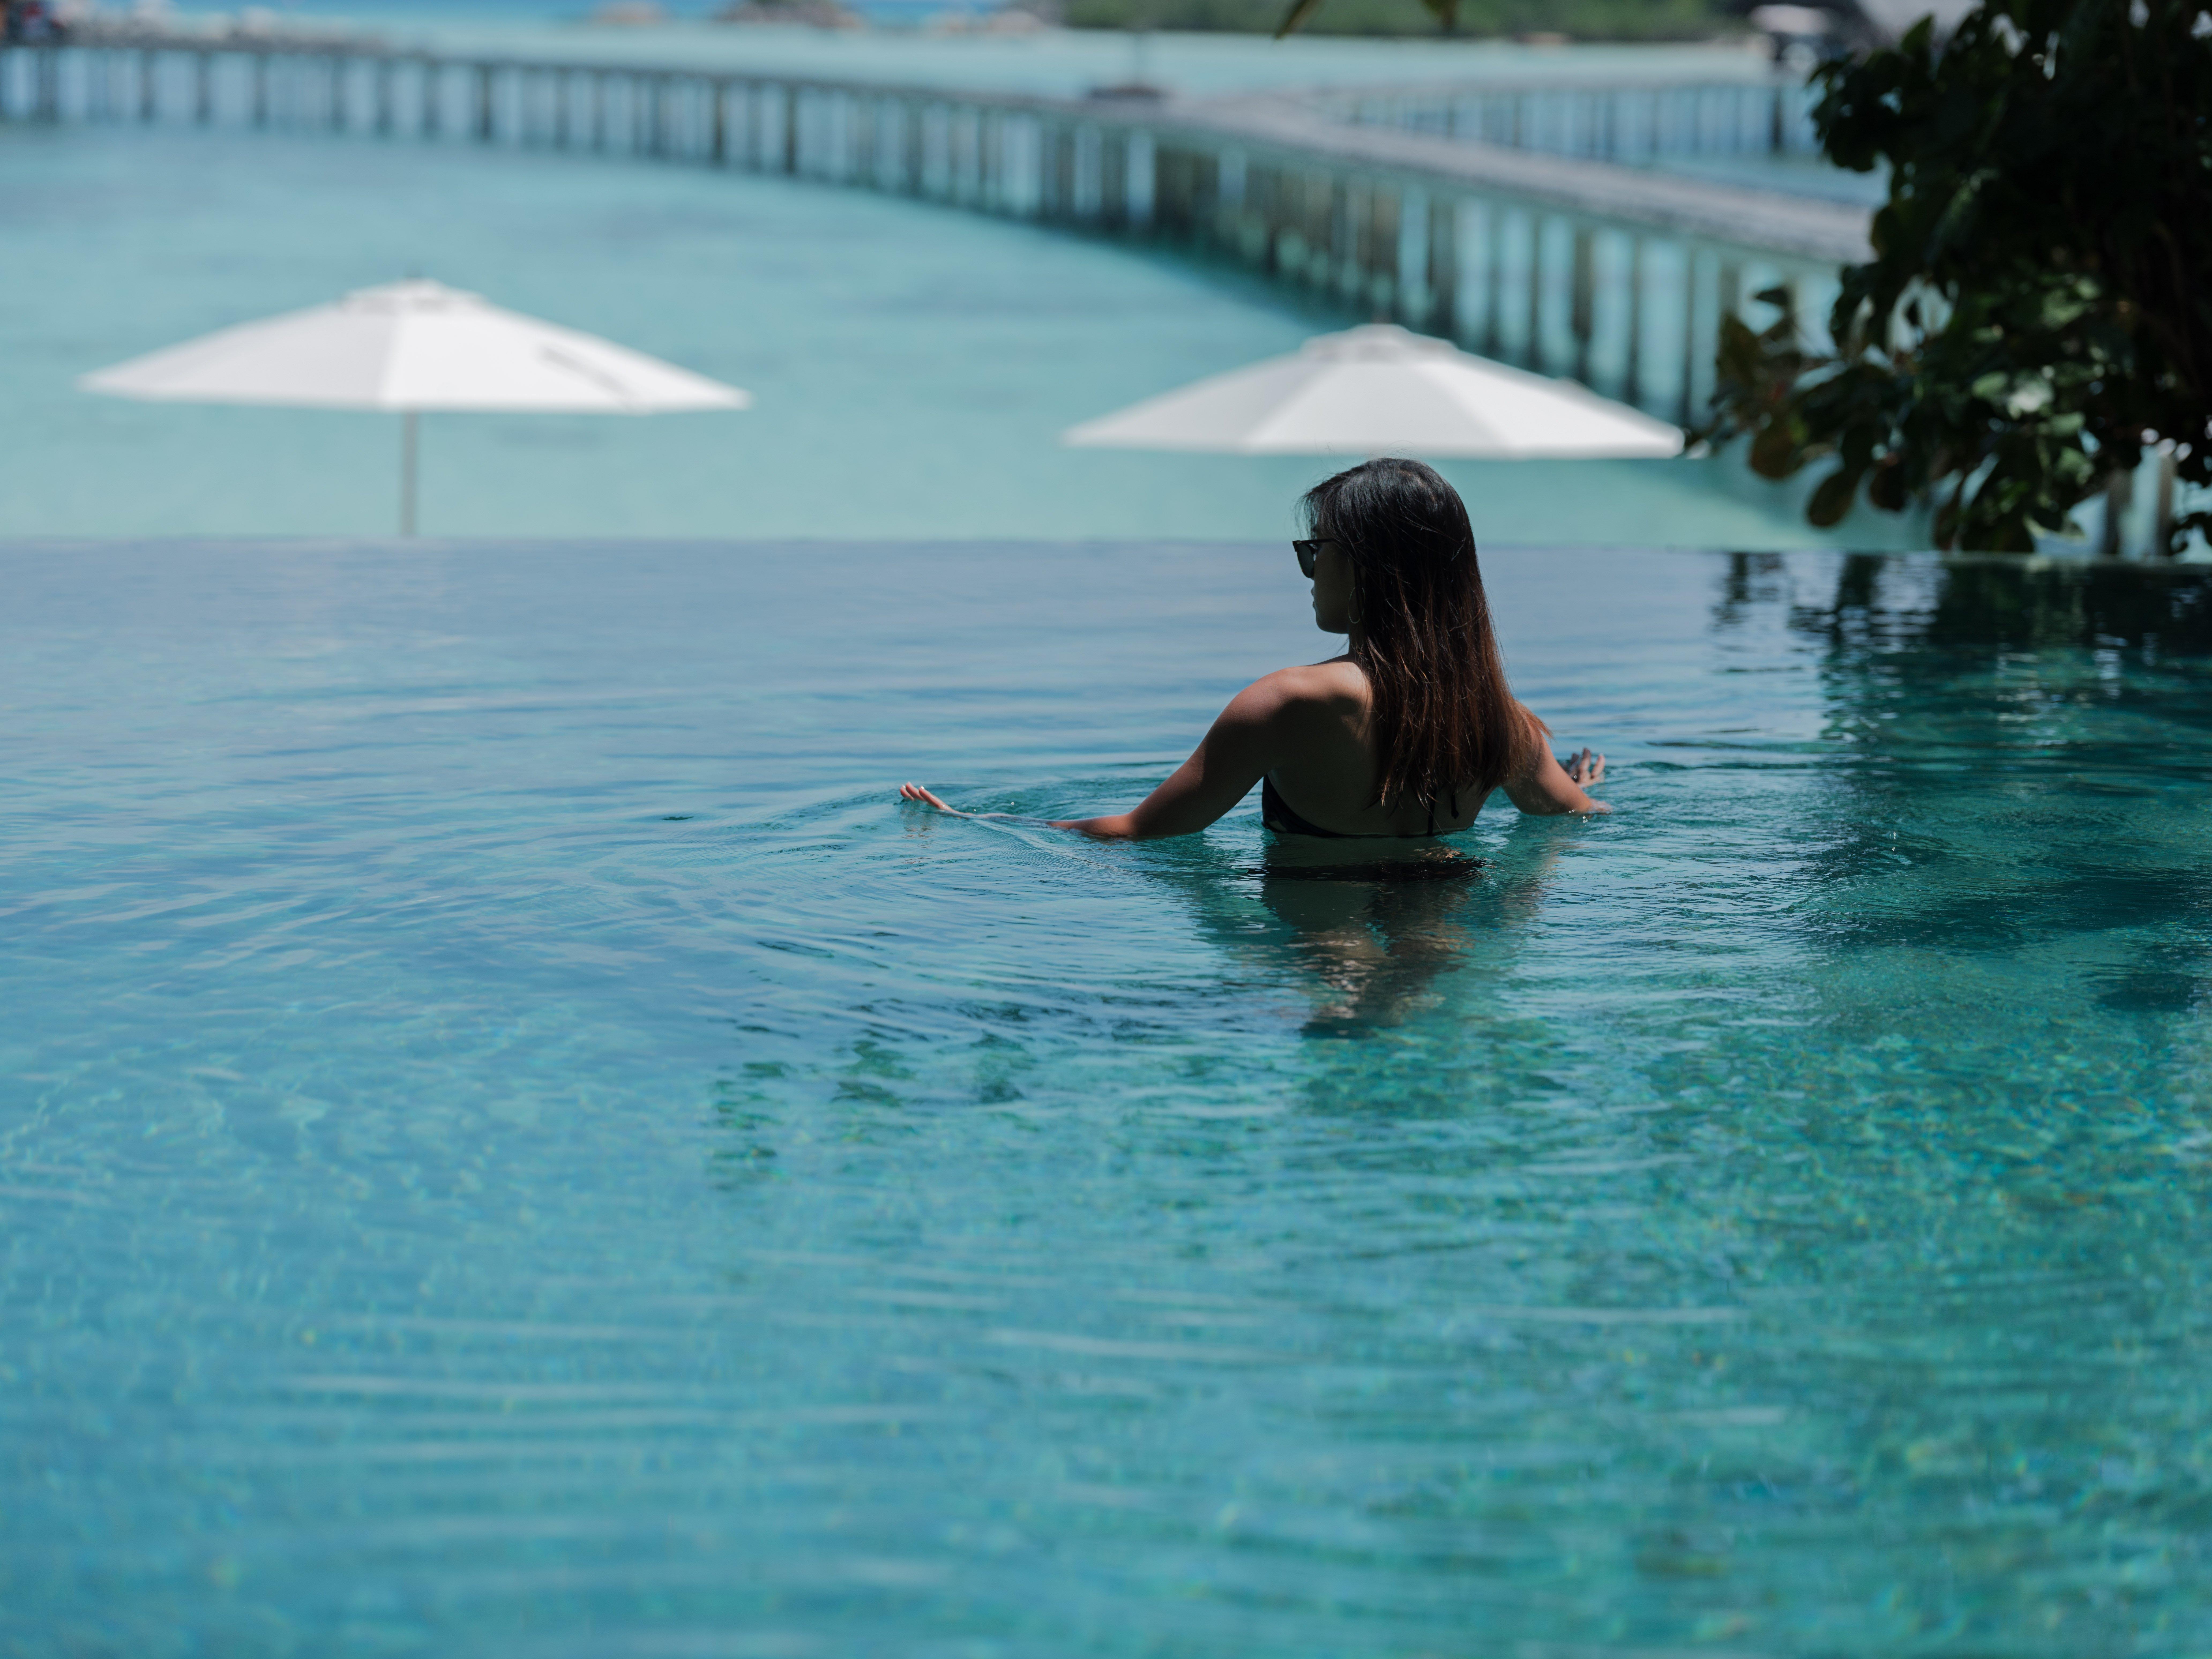 Bawah-reserve-medium-res-5961 Swimming pool lady in pool